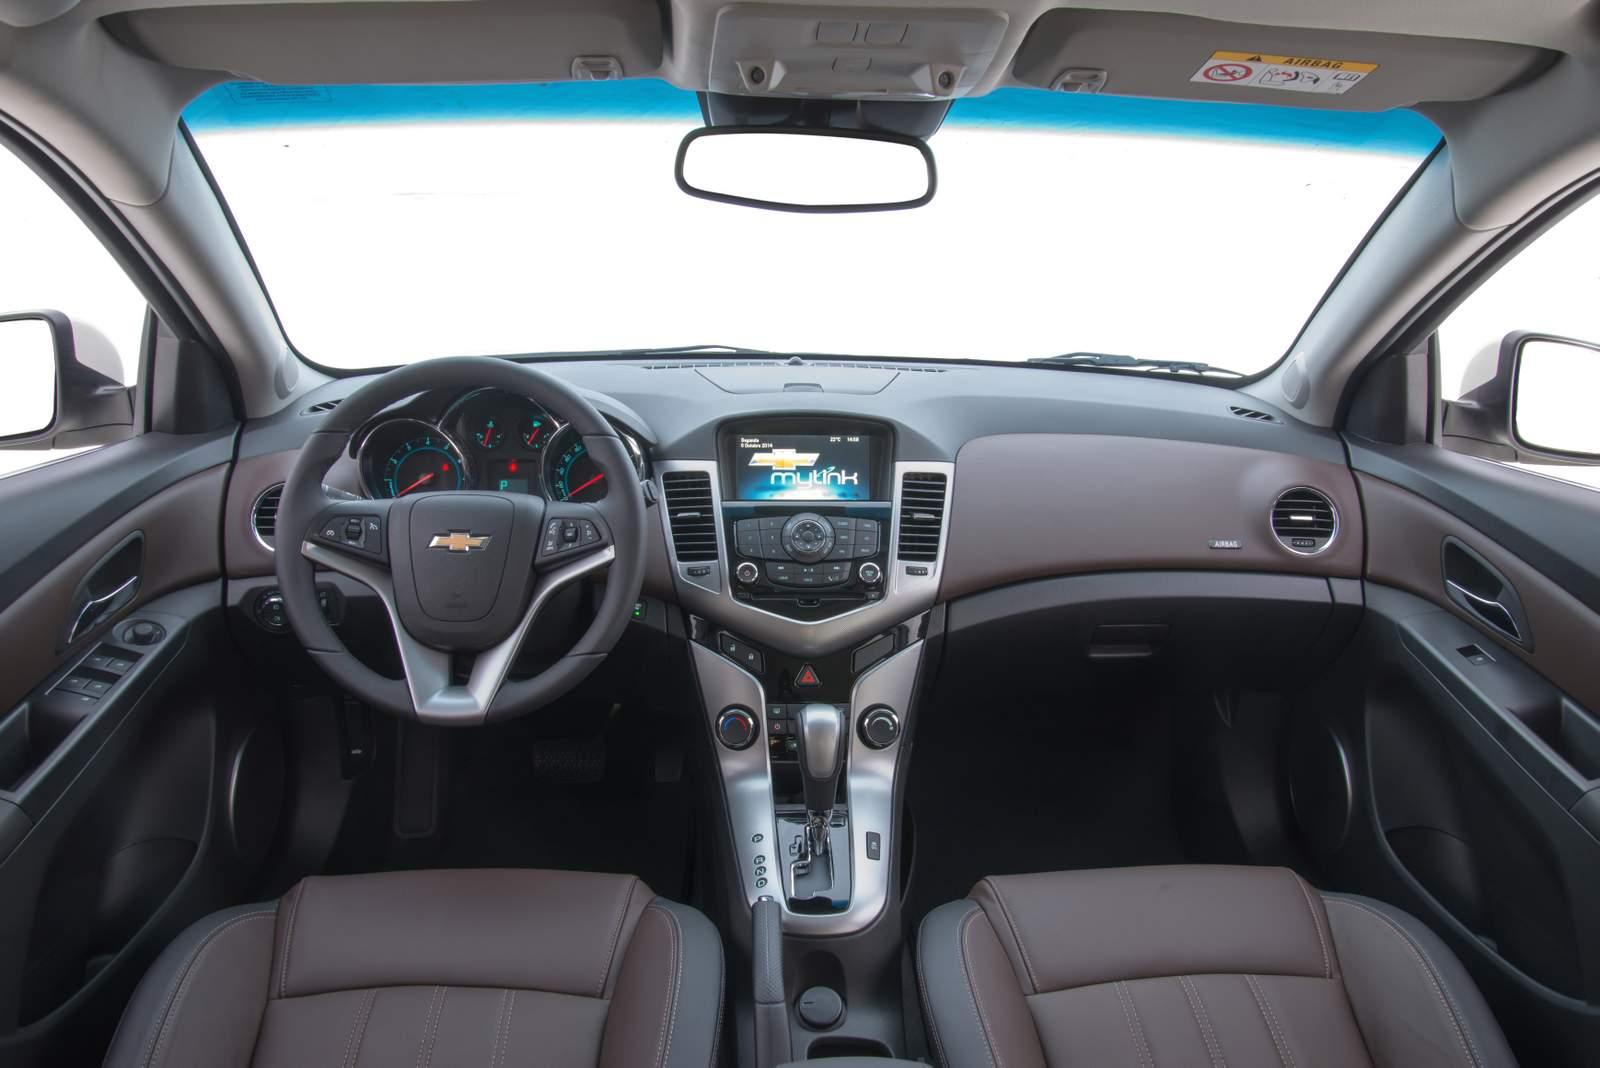 Novo Chevrolet Cruze 2015 Fotos E Especifica Es Oficiais Car Blog Br